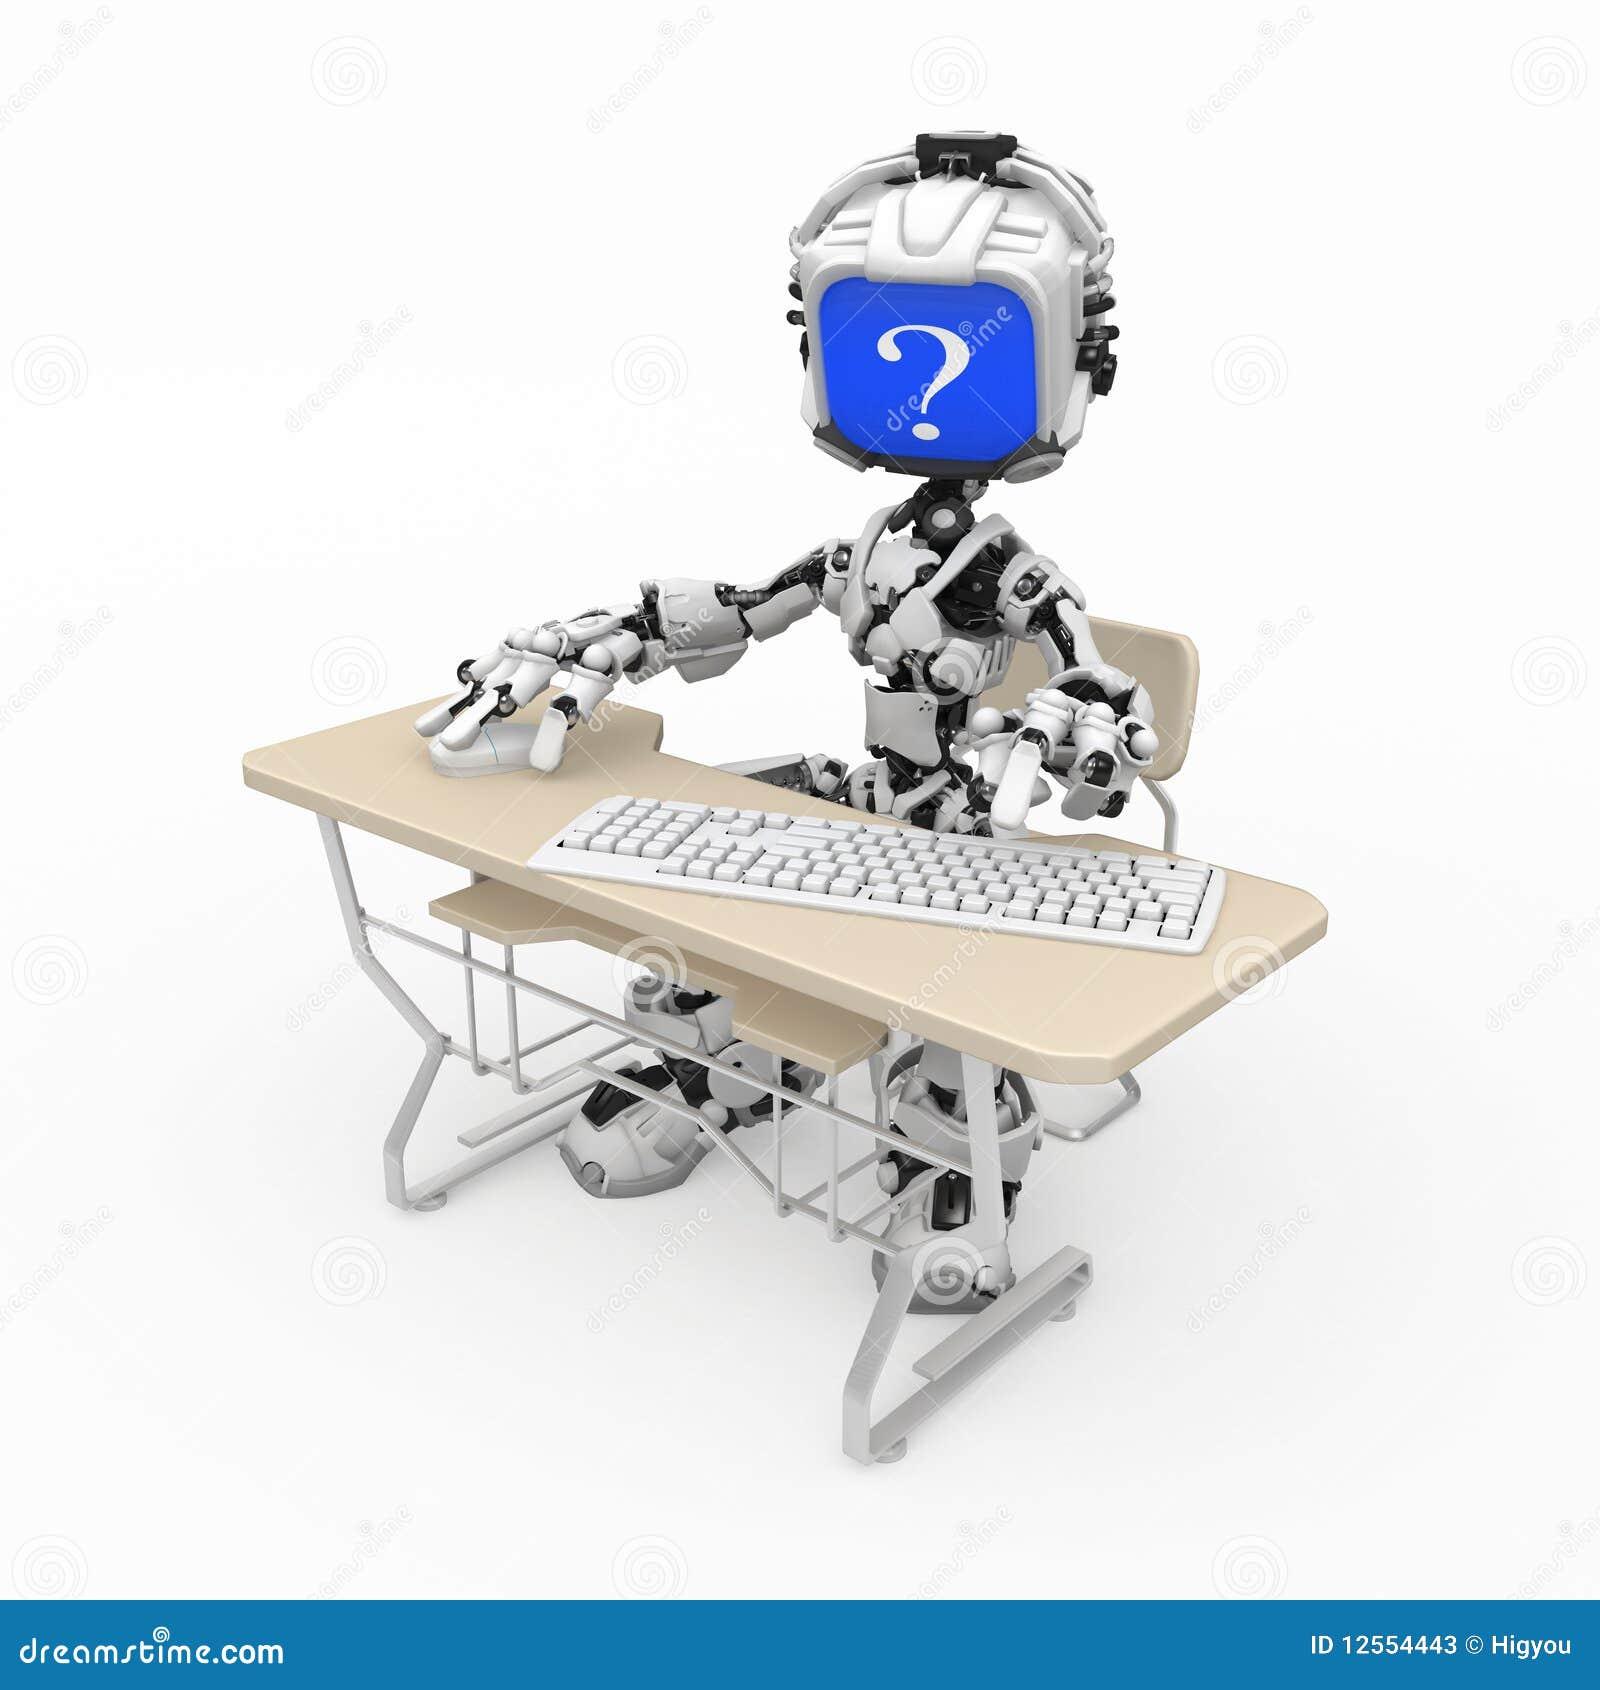 Blue Screen Robot, Computer Desk Stock Photos - Image: 12554443